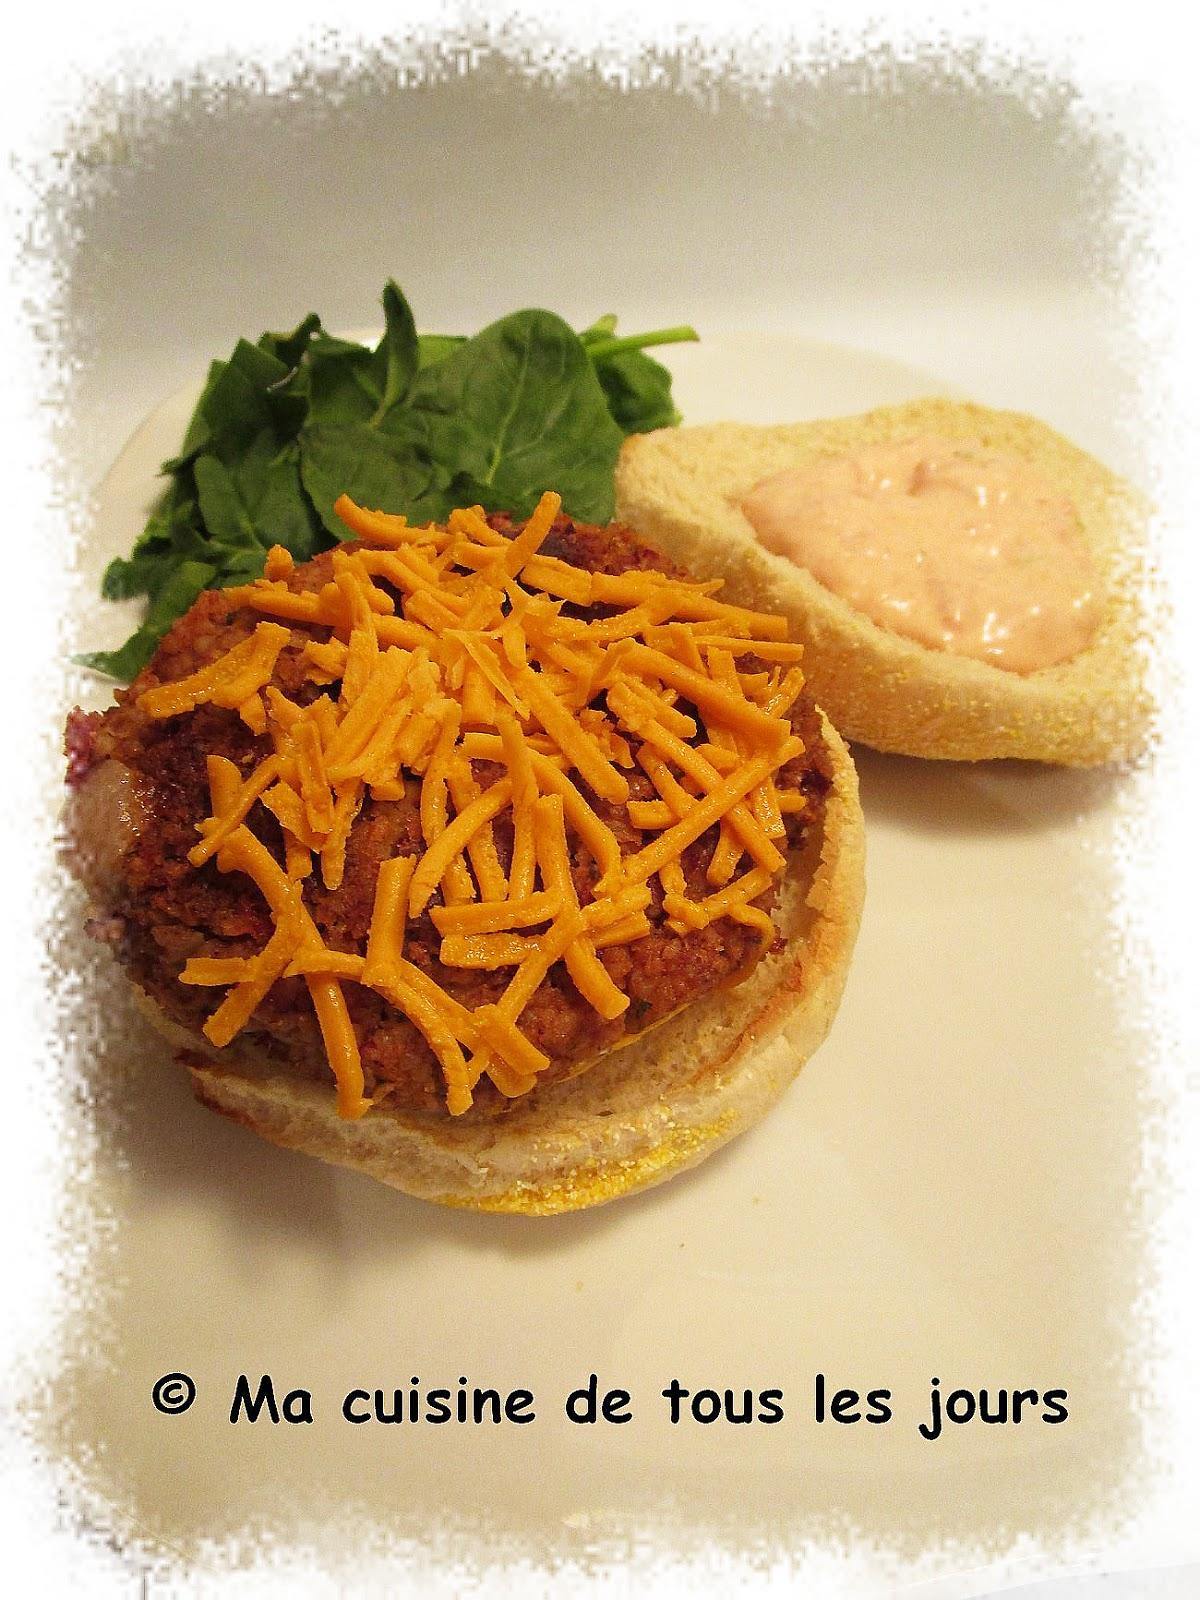 Burgers v g tex mex au bl concass for Assaisonnement tacos maison